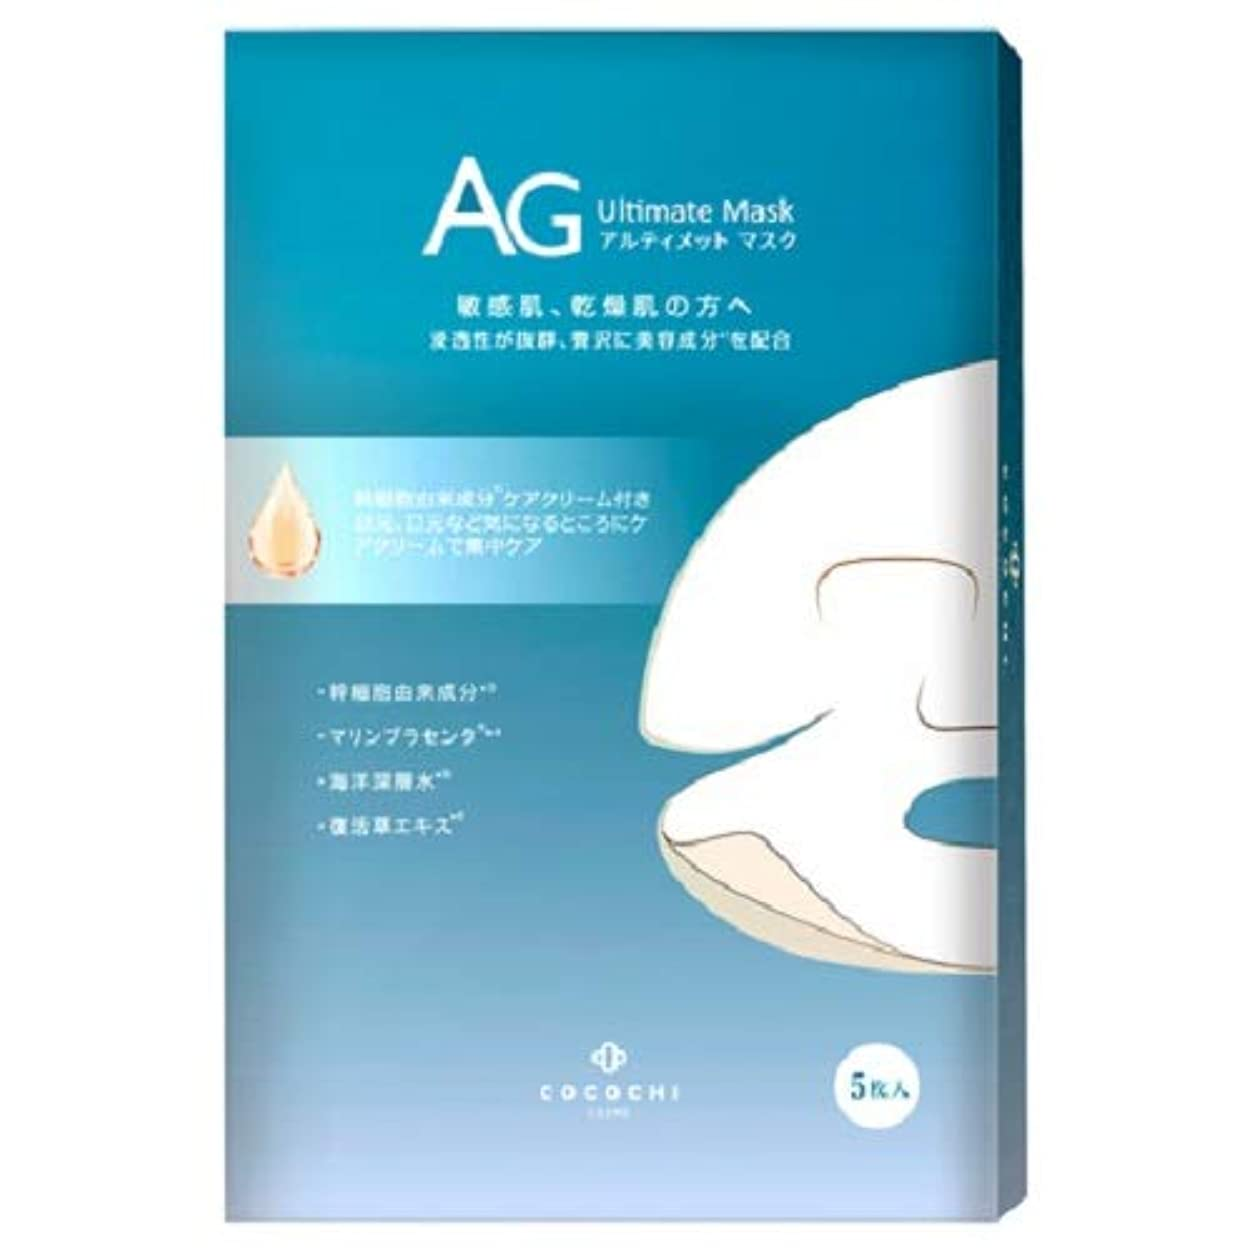 インタフェース熱望する症候群AGアルティメットオーシャンマスク 5枚入り